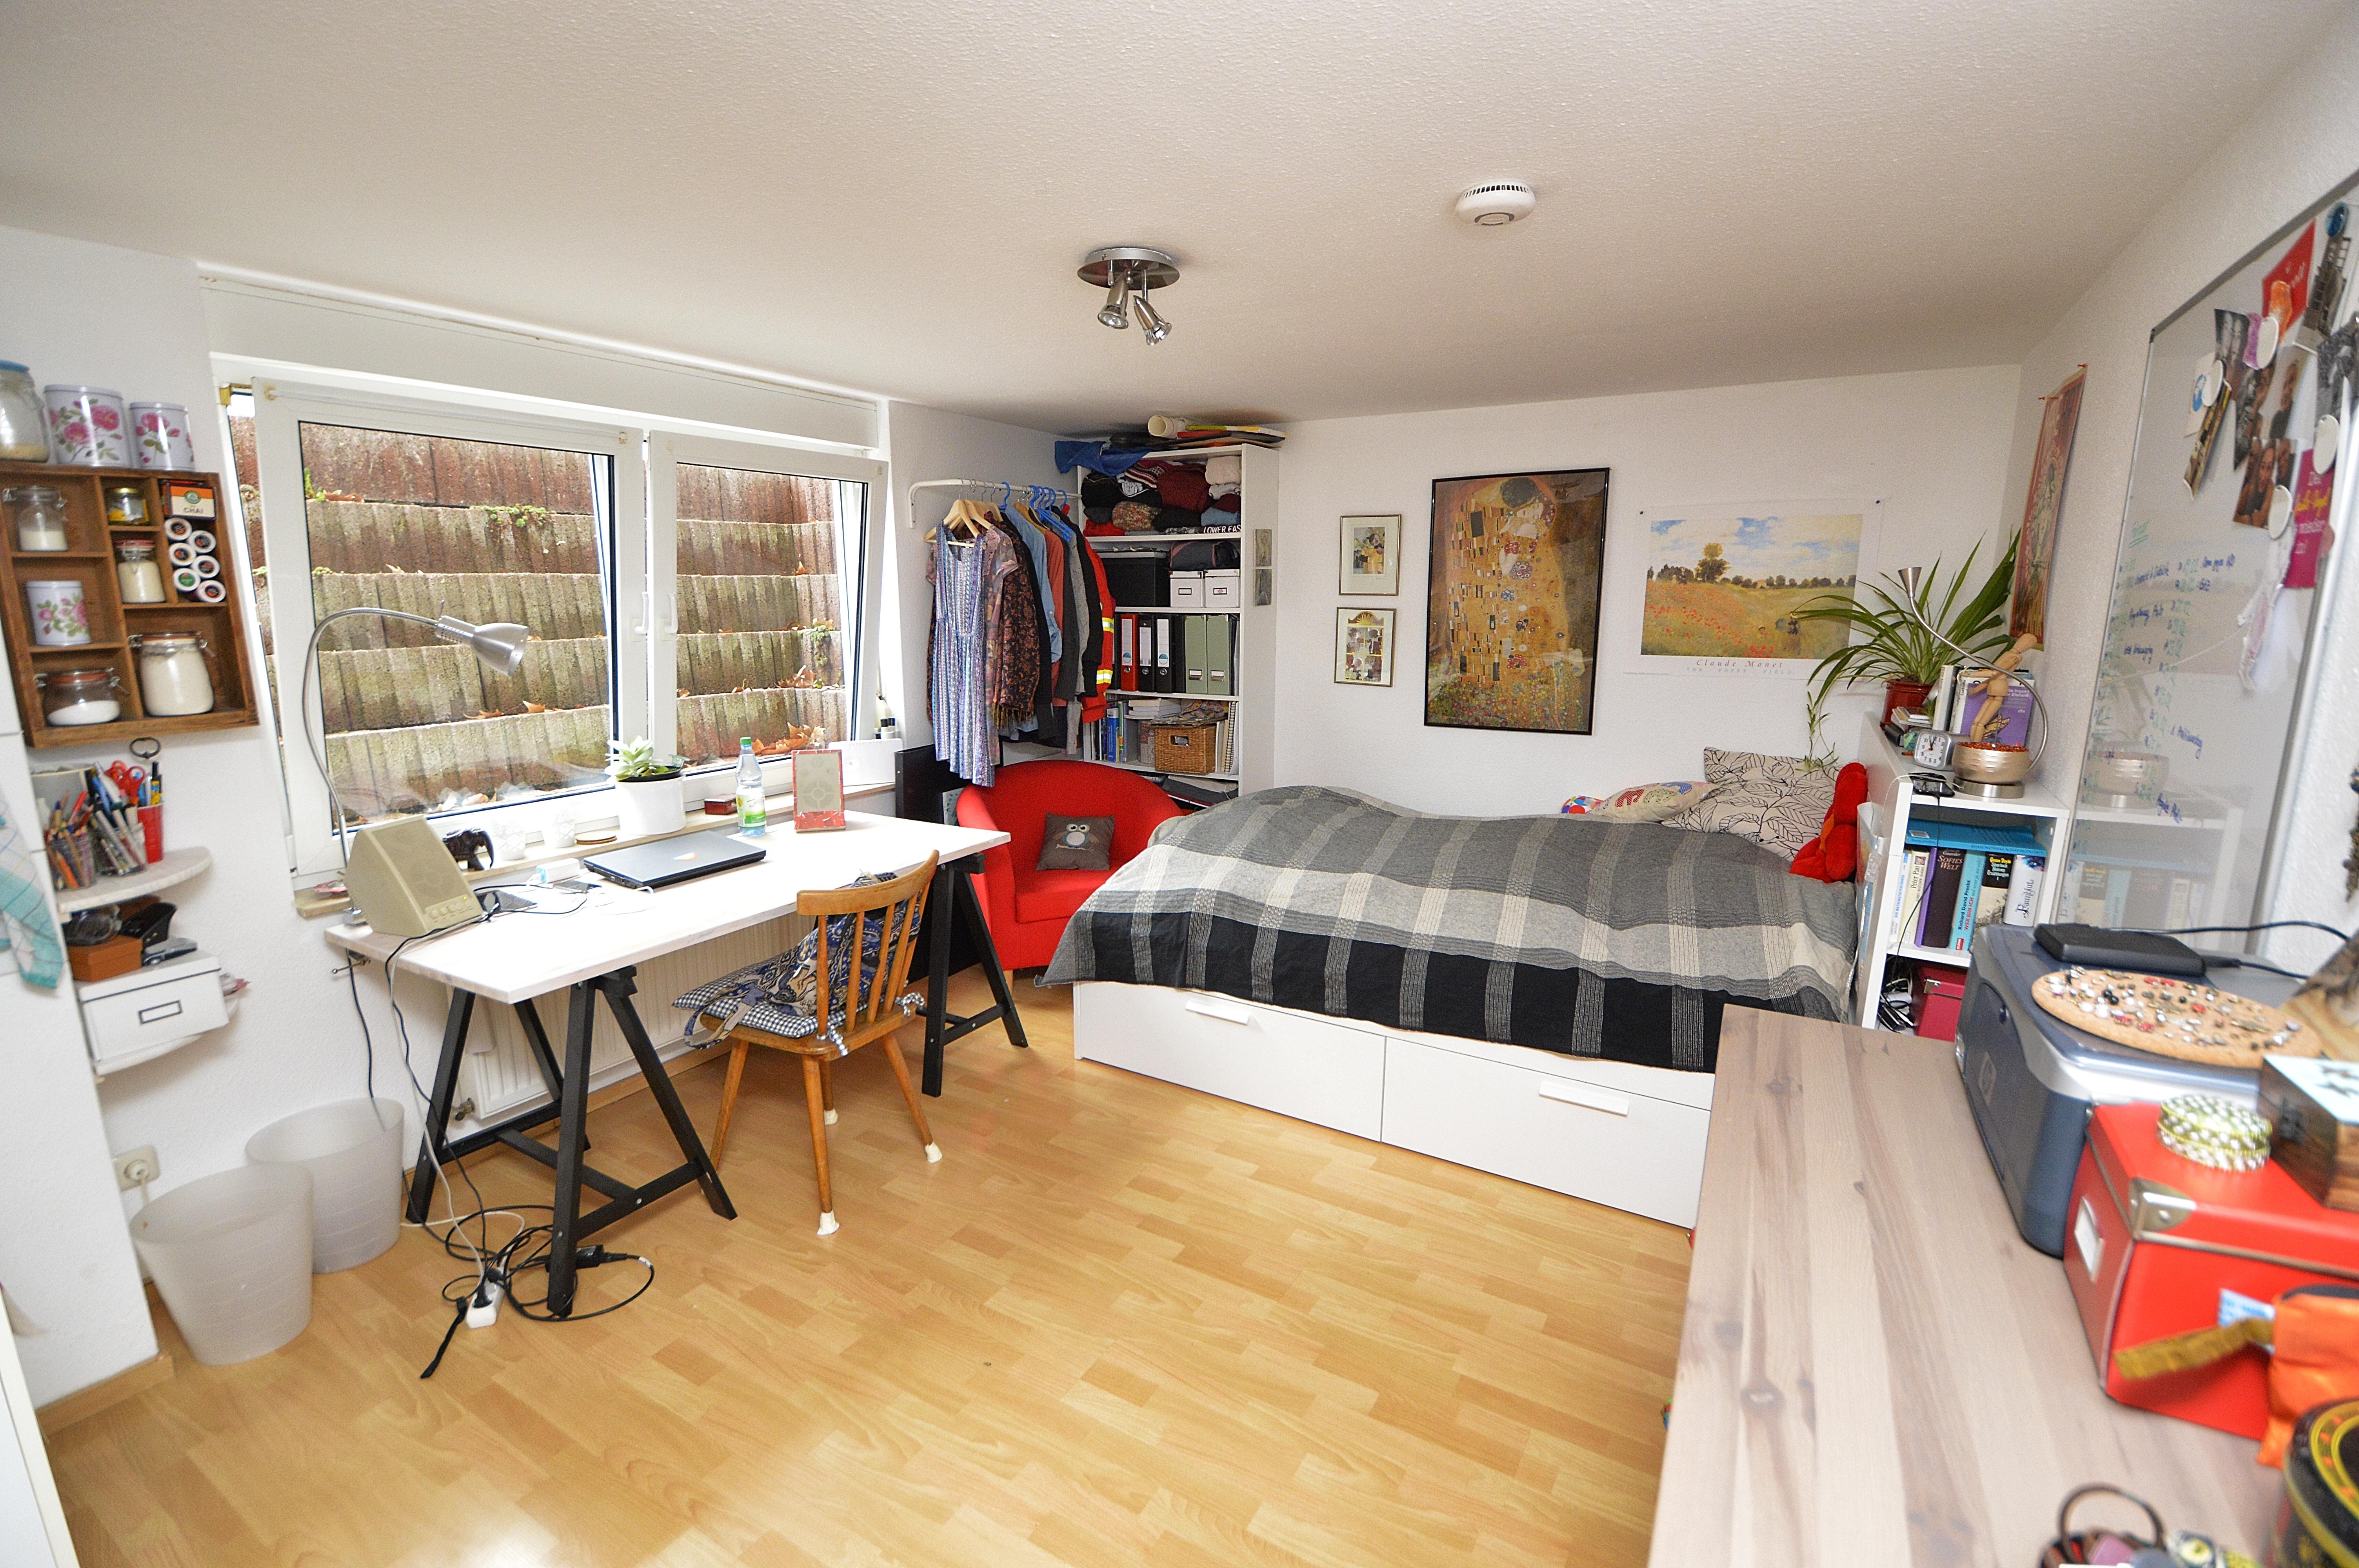 AP Immobilien GmbH - Ihr IVD Immobilienmakler aus Mainz - Mietwohnung